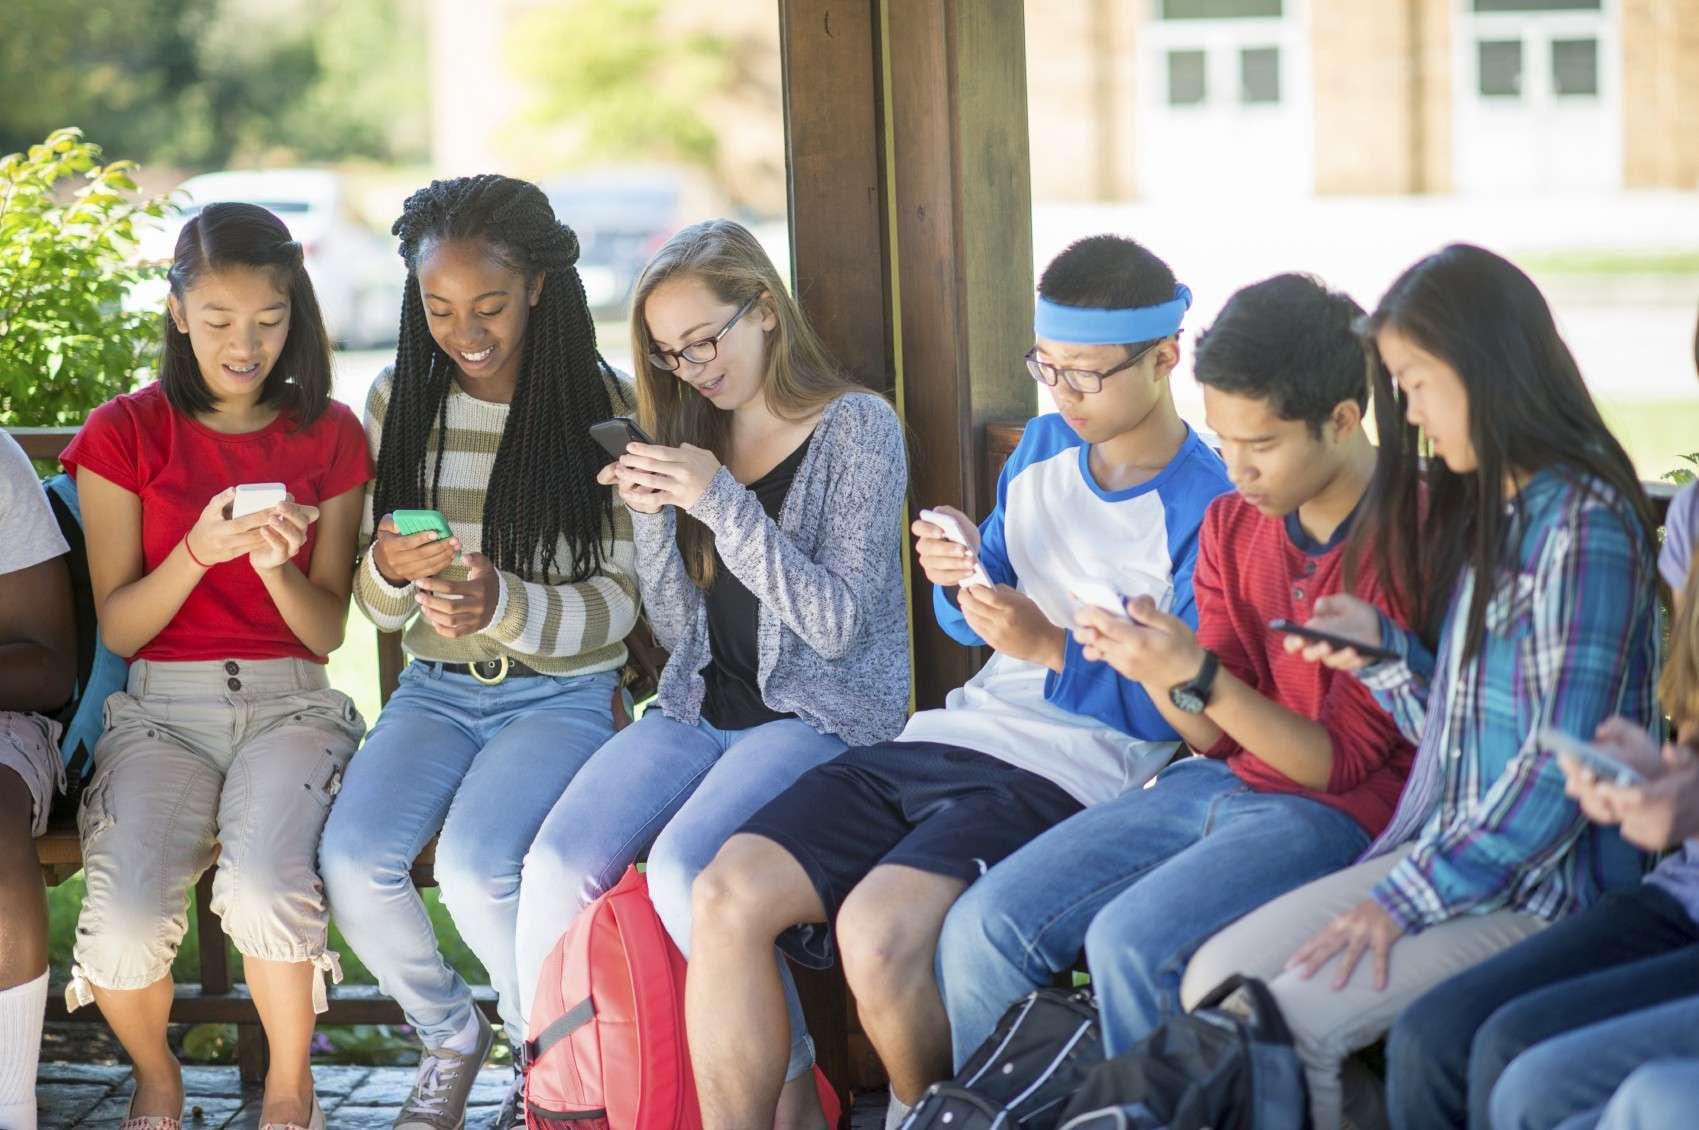 3 घंटे से ज्यादा सोशल मीडिया का उपयोग युवाओं को बना रहा मानसिक रूप से बीमार